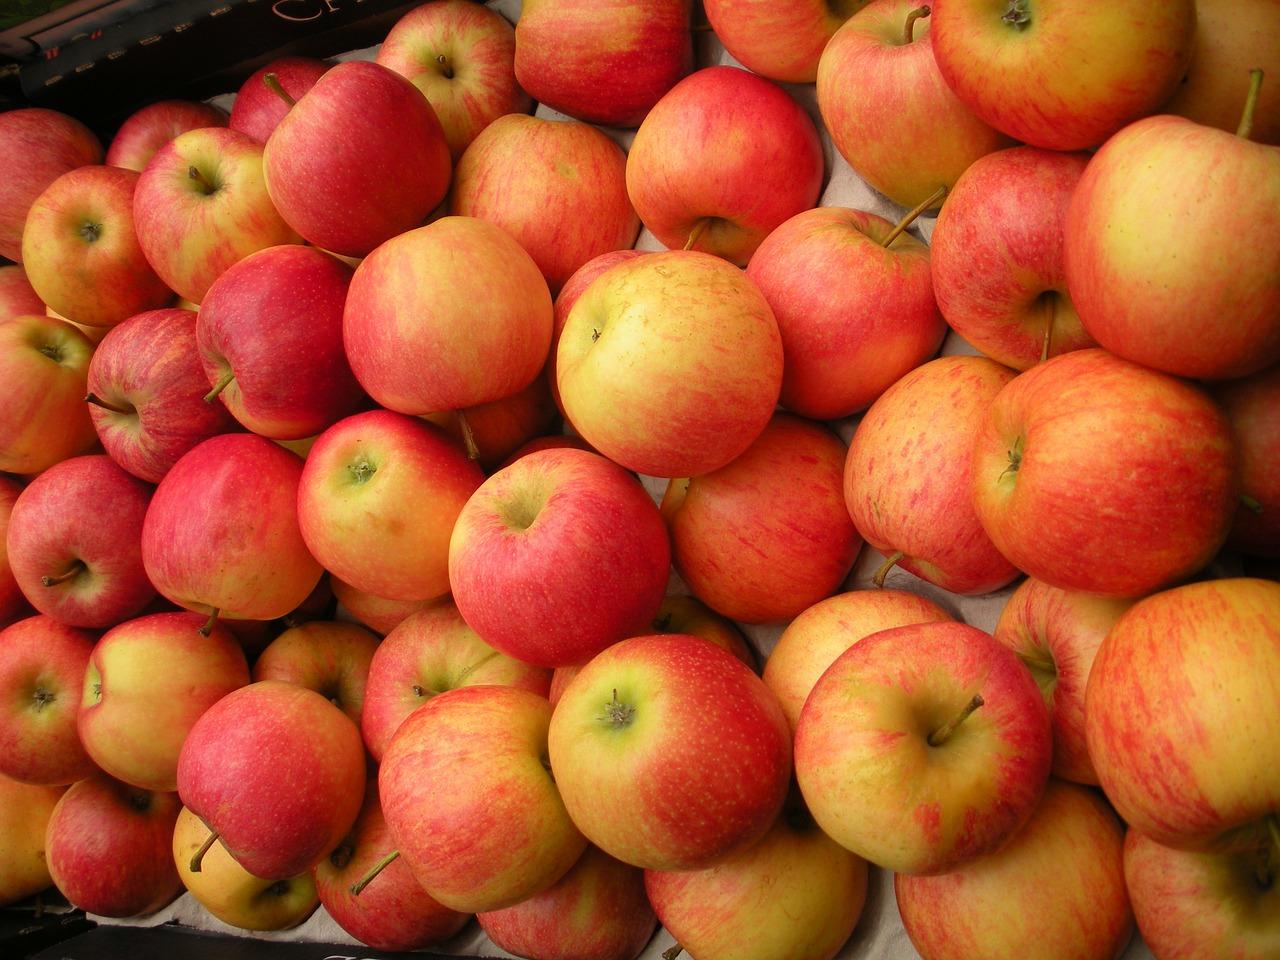 frutería, cajón de frutas, manzanas